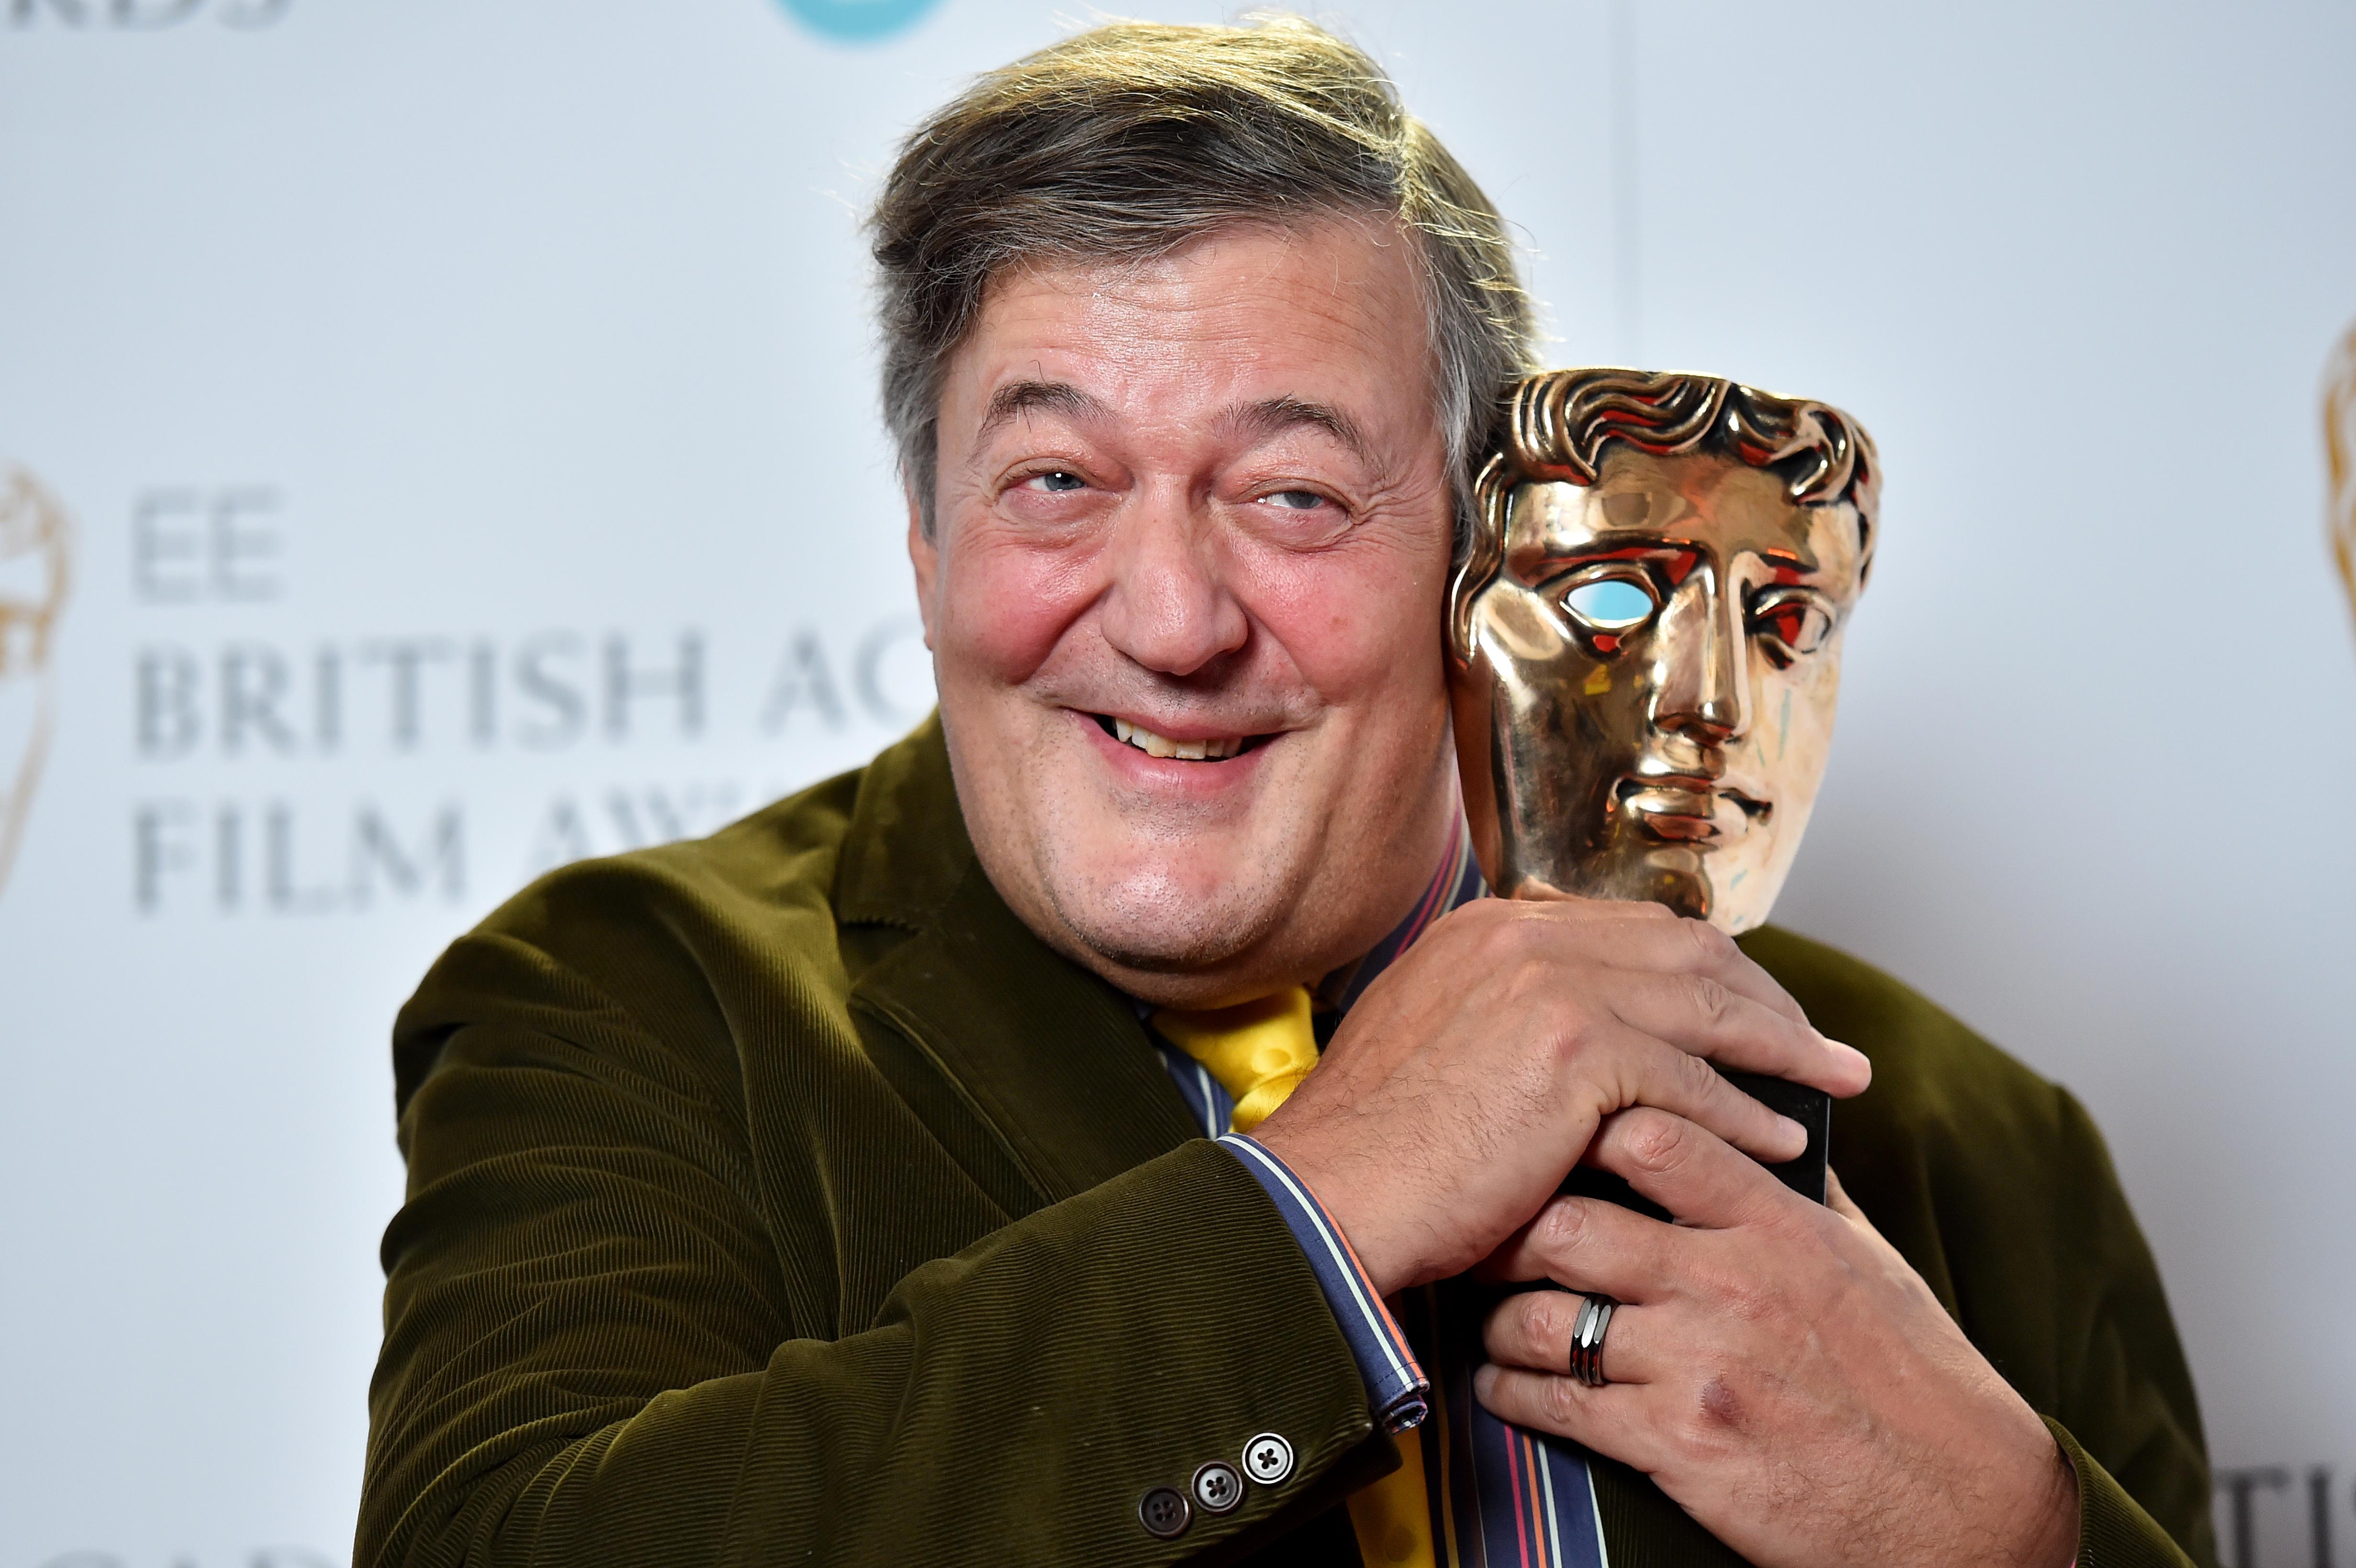 Vallásgyalázás miatt nyomoznak Stephen Fry ellen Írországban